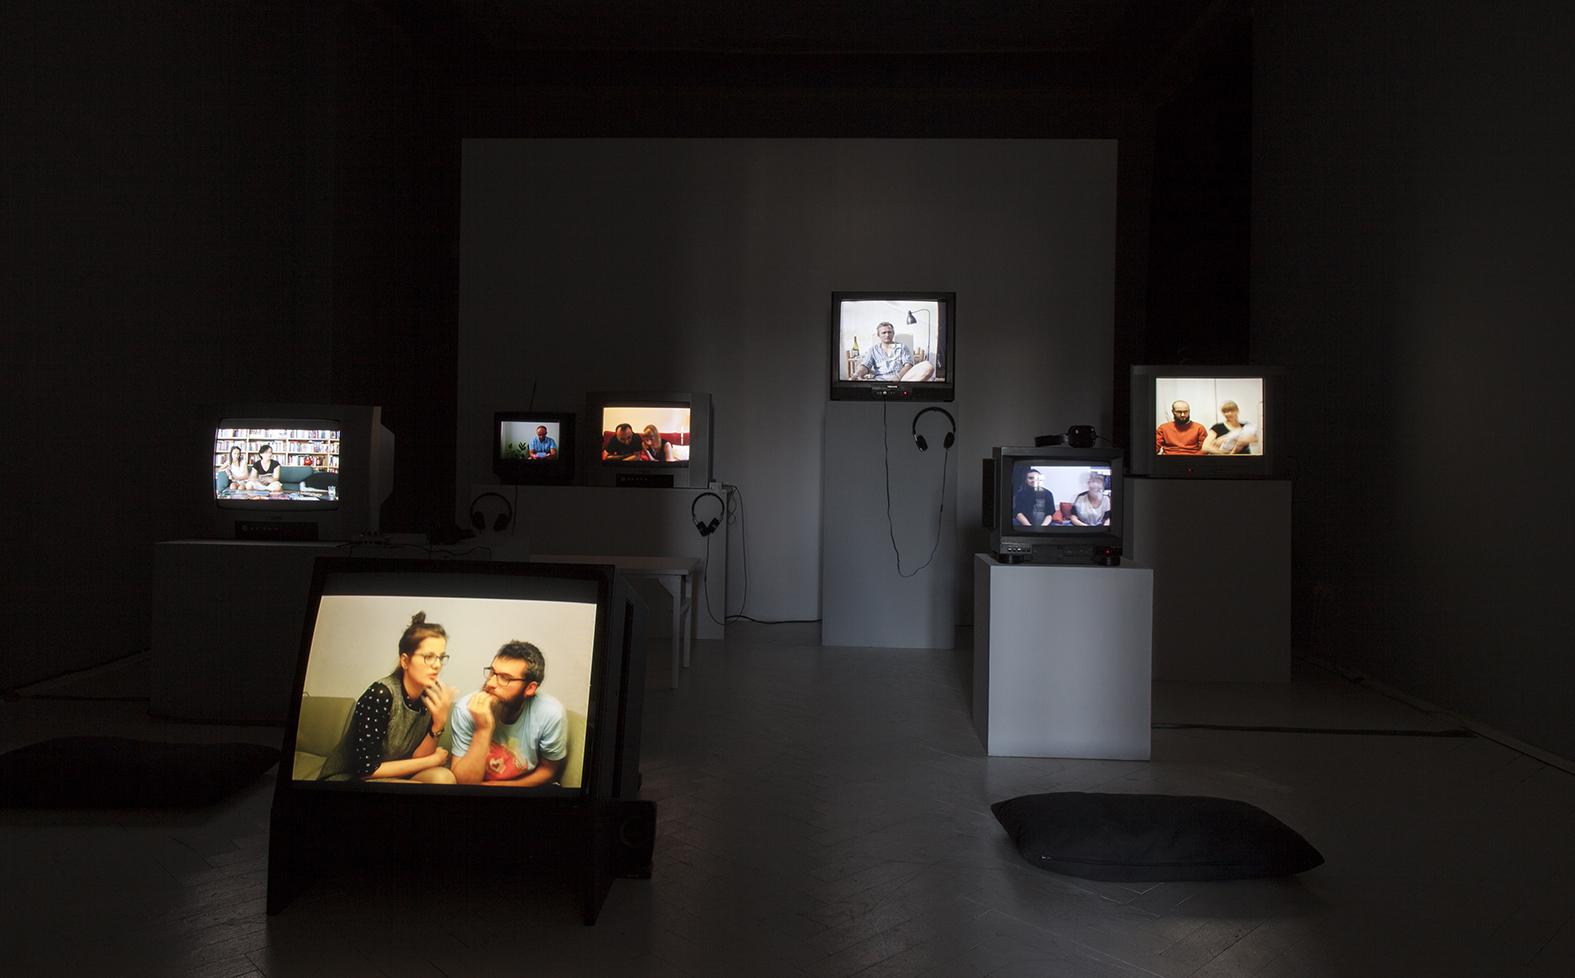 Prezentacja wideo nagranego podczas rozmów zuczestnikami projektu przezAleksandę Czerniawską iAnnę Panek